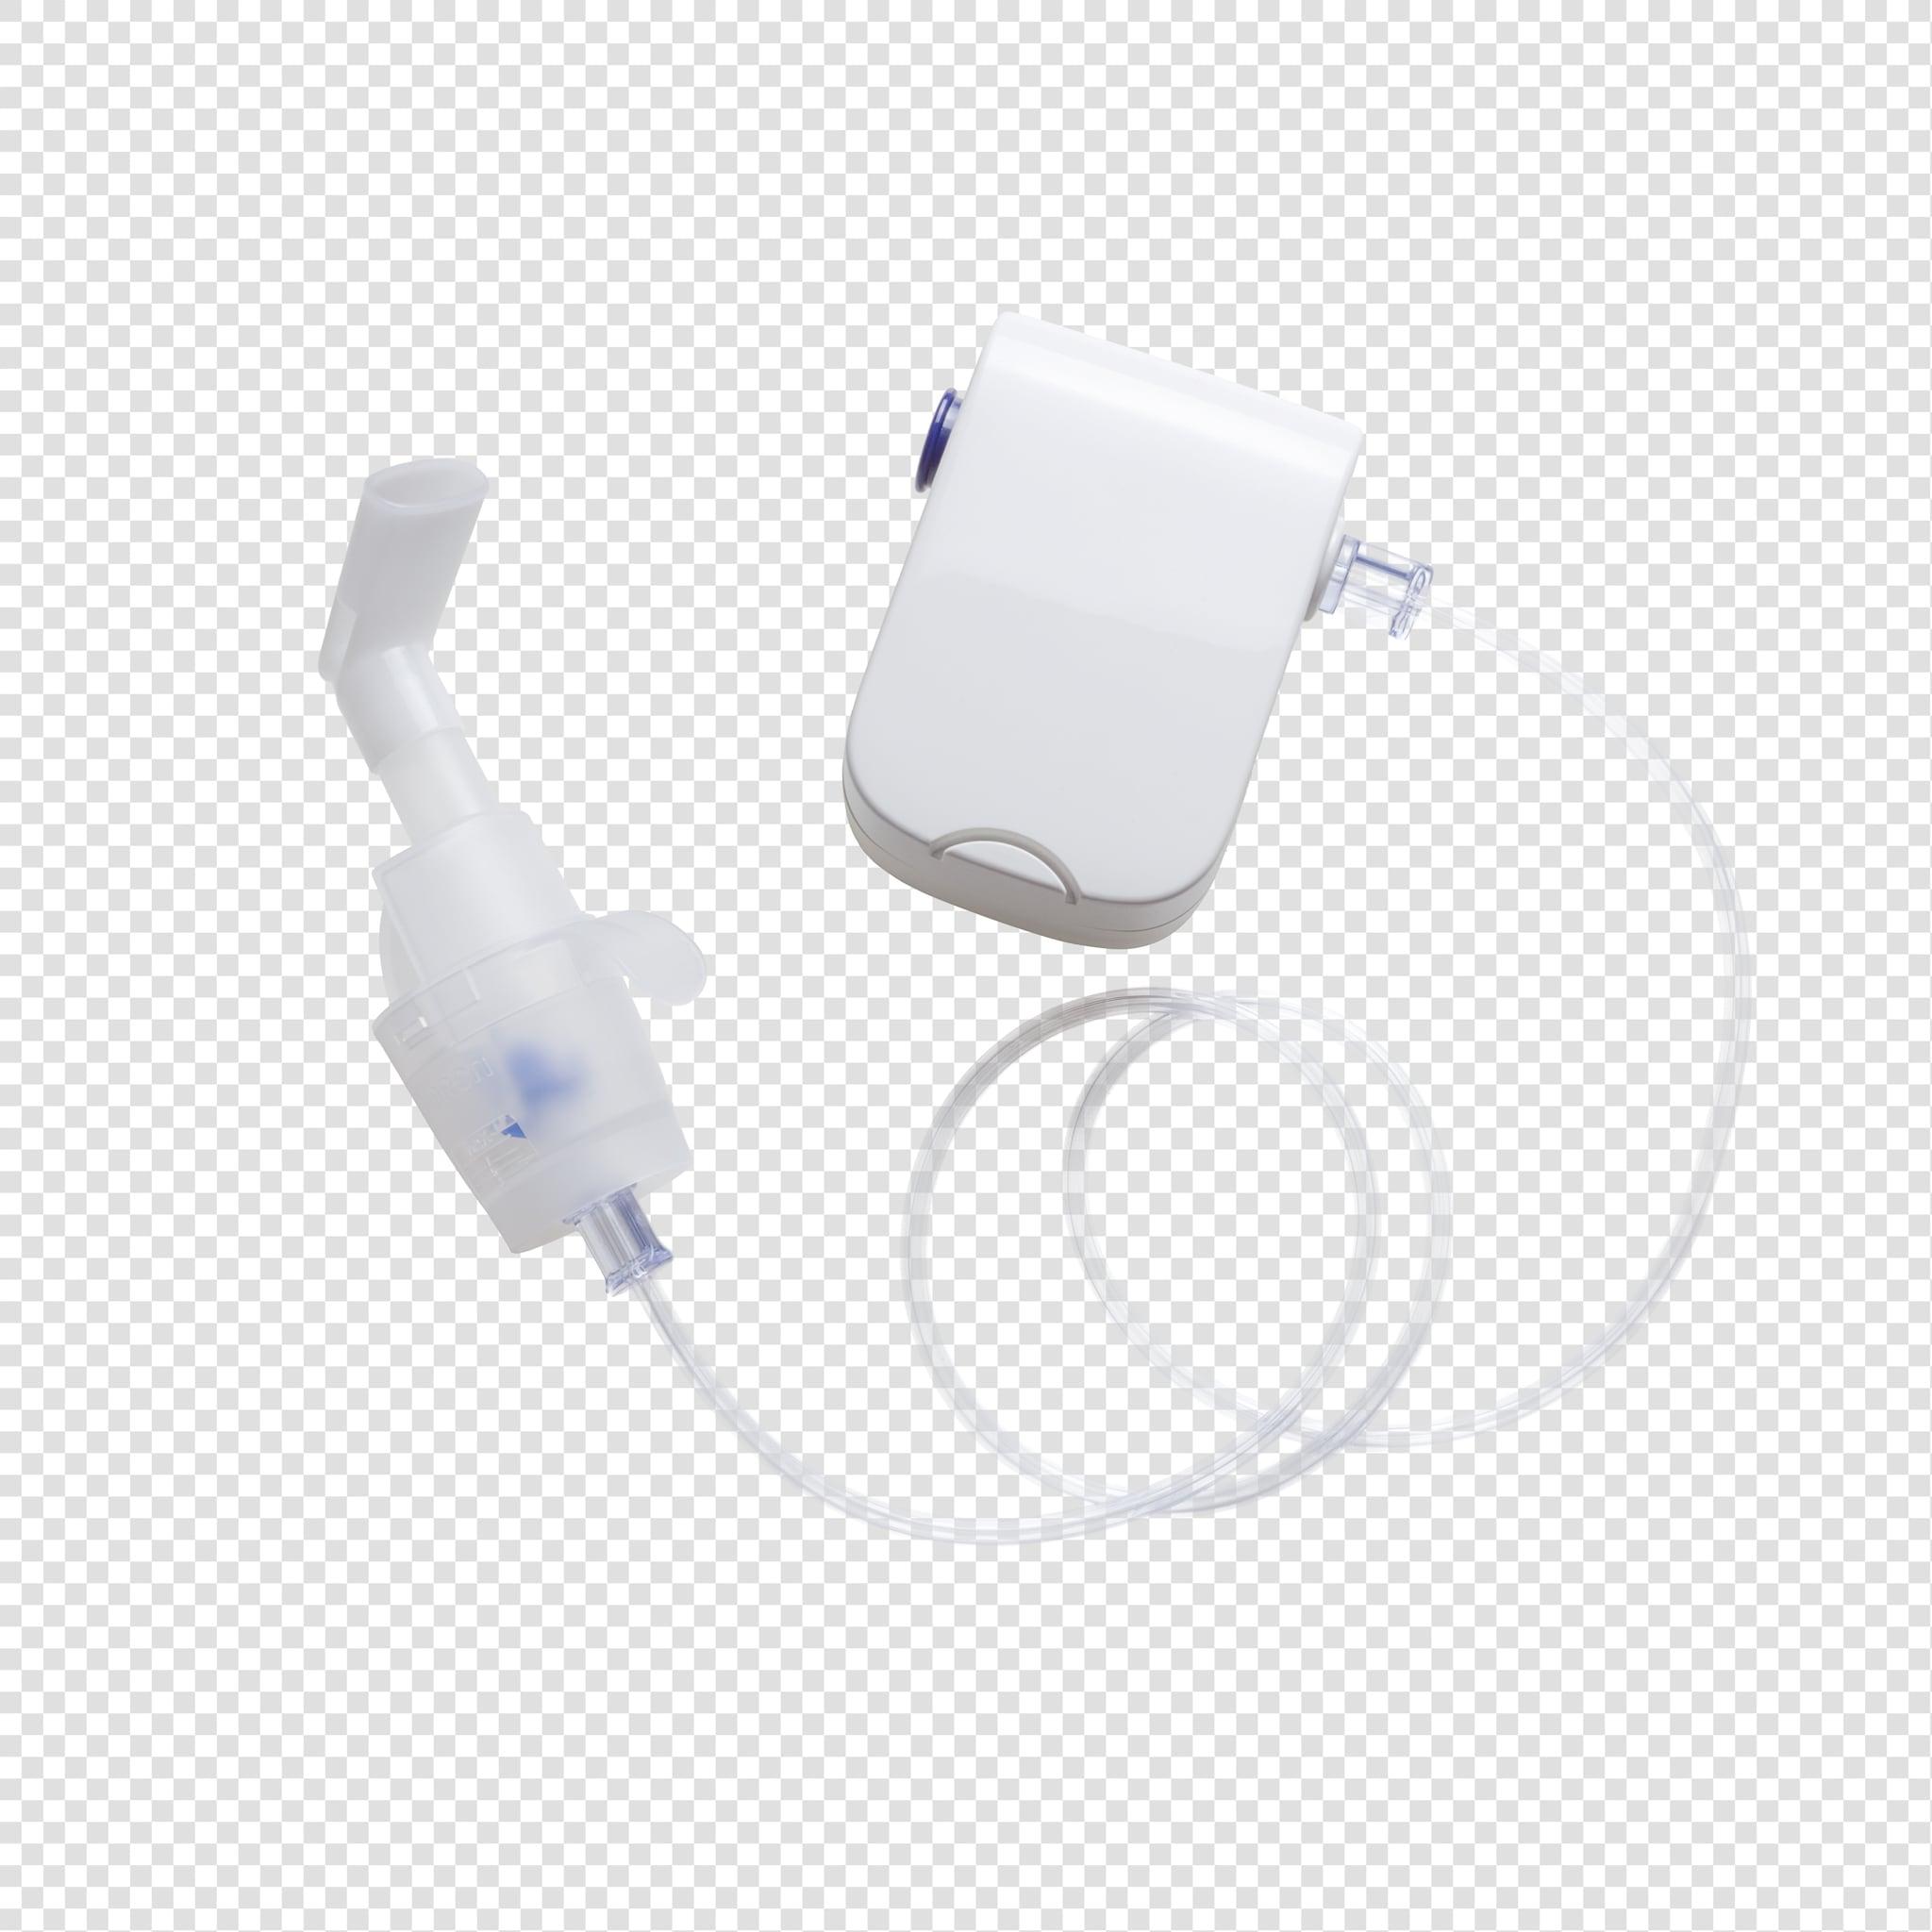 Medical inhalant PSD image on transparent background